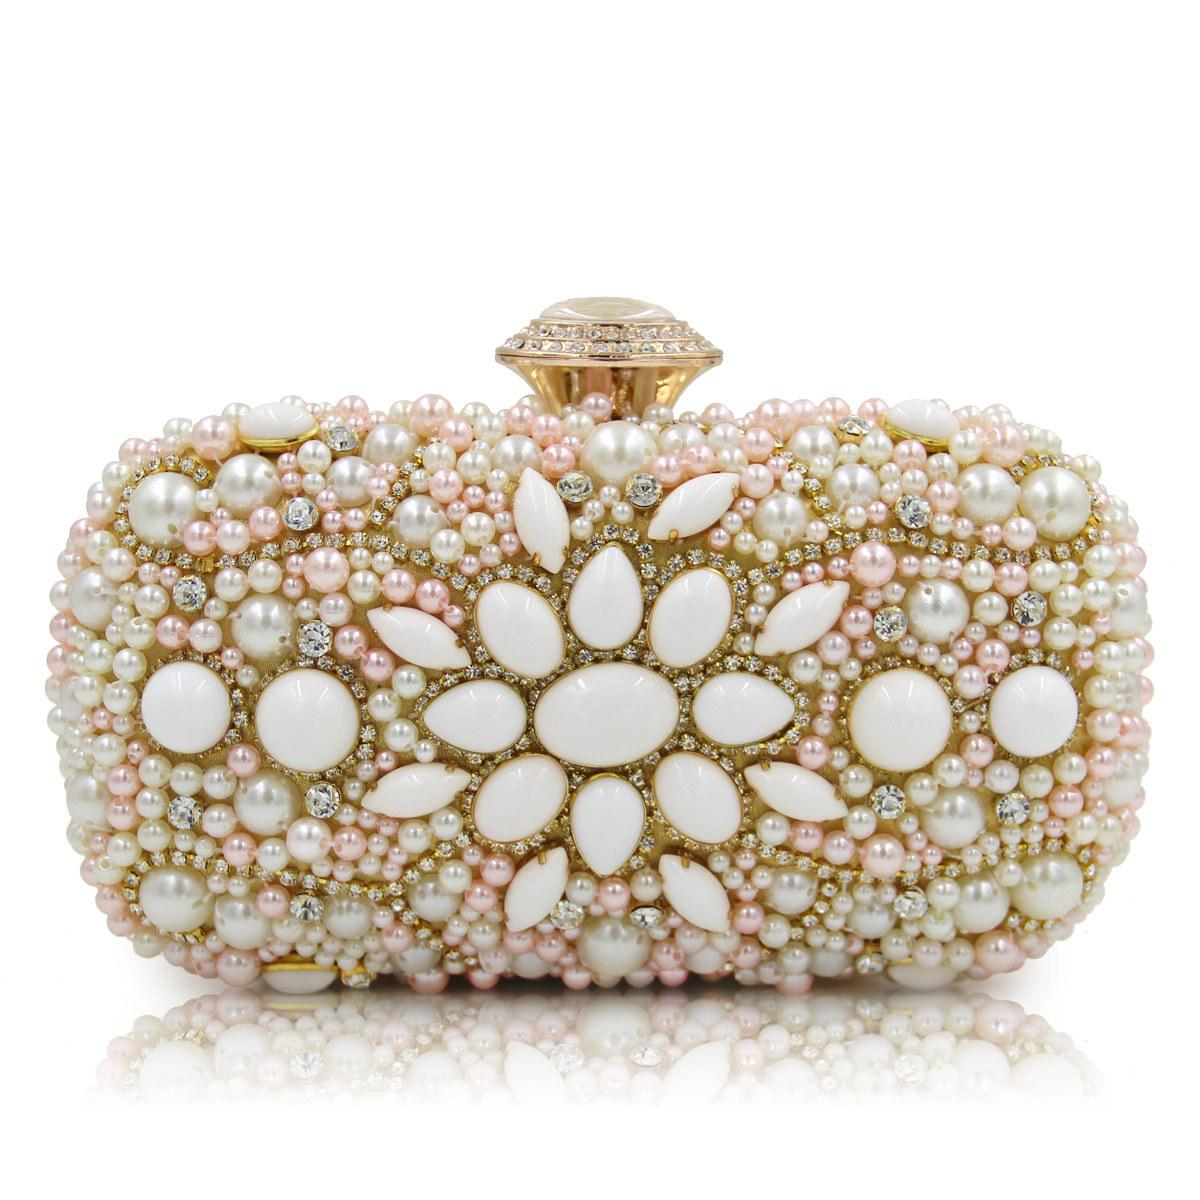 811f968afc1c9 Satın Al Omuz Çanta Yeni Lüks El Yapımı Inci Çiçek Şekli Akşam Çanta Kadın  Moda Günü Debriyaj Düğün Gelin Çanta, $28.15 | DHgate.Com'da